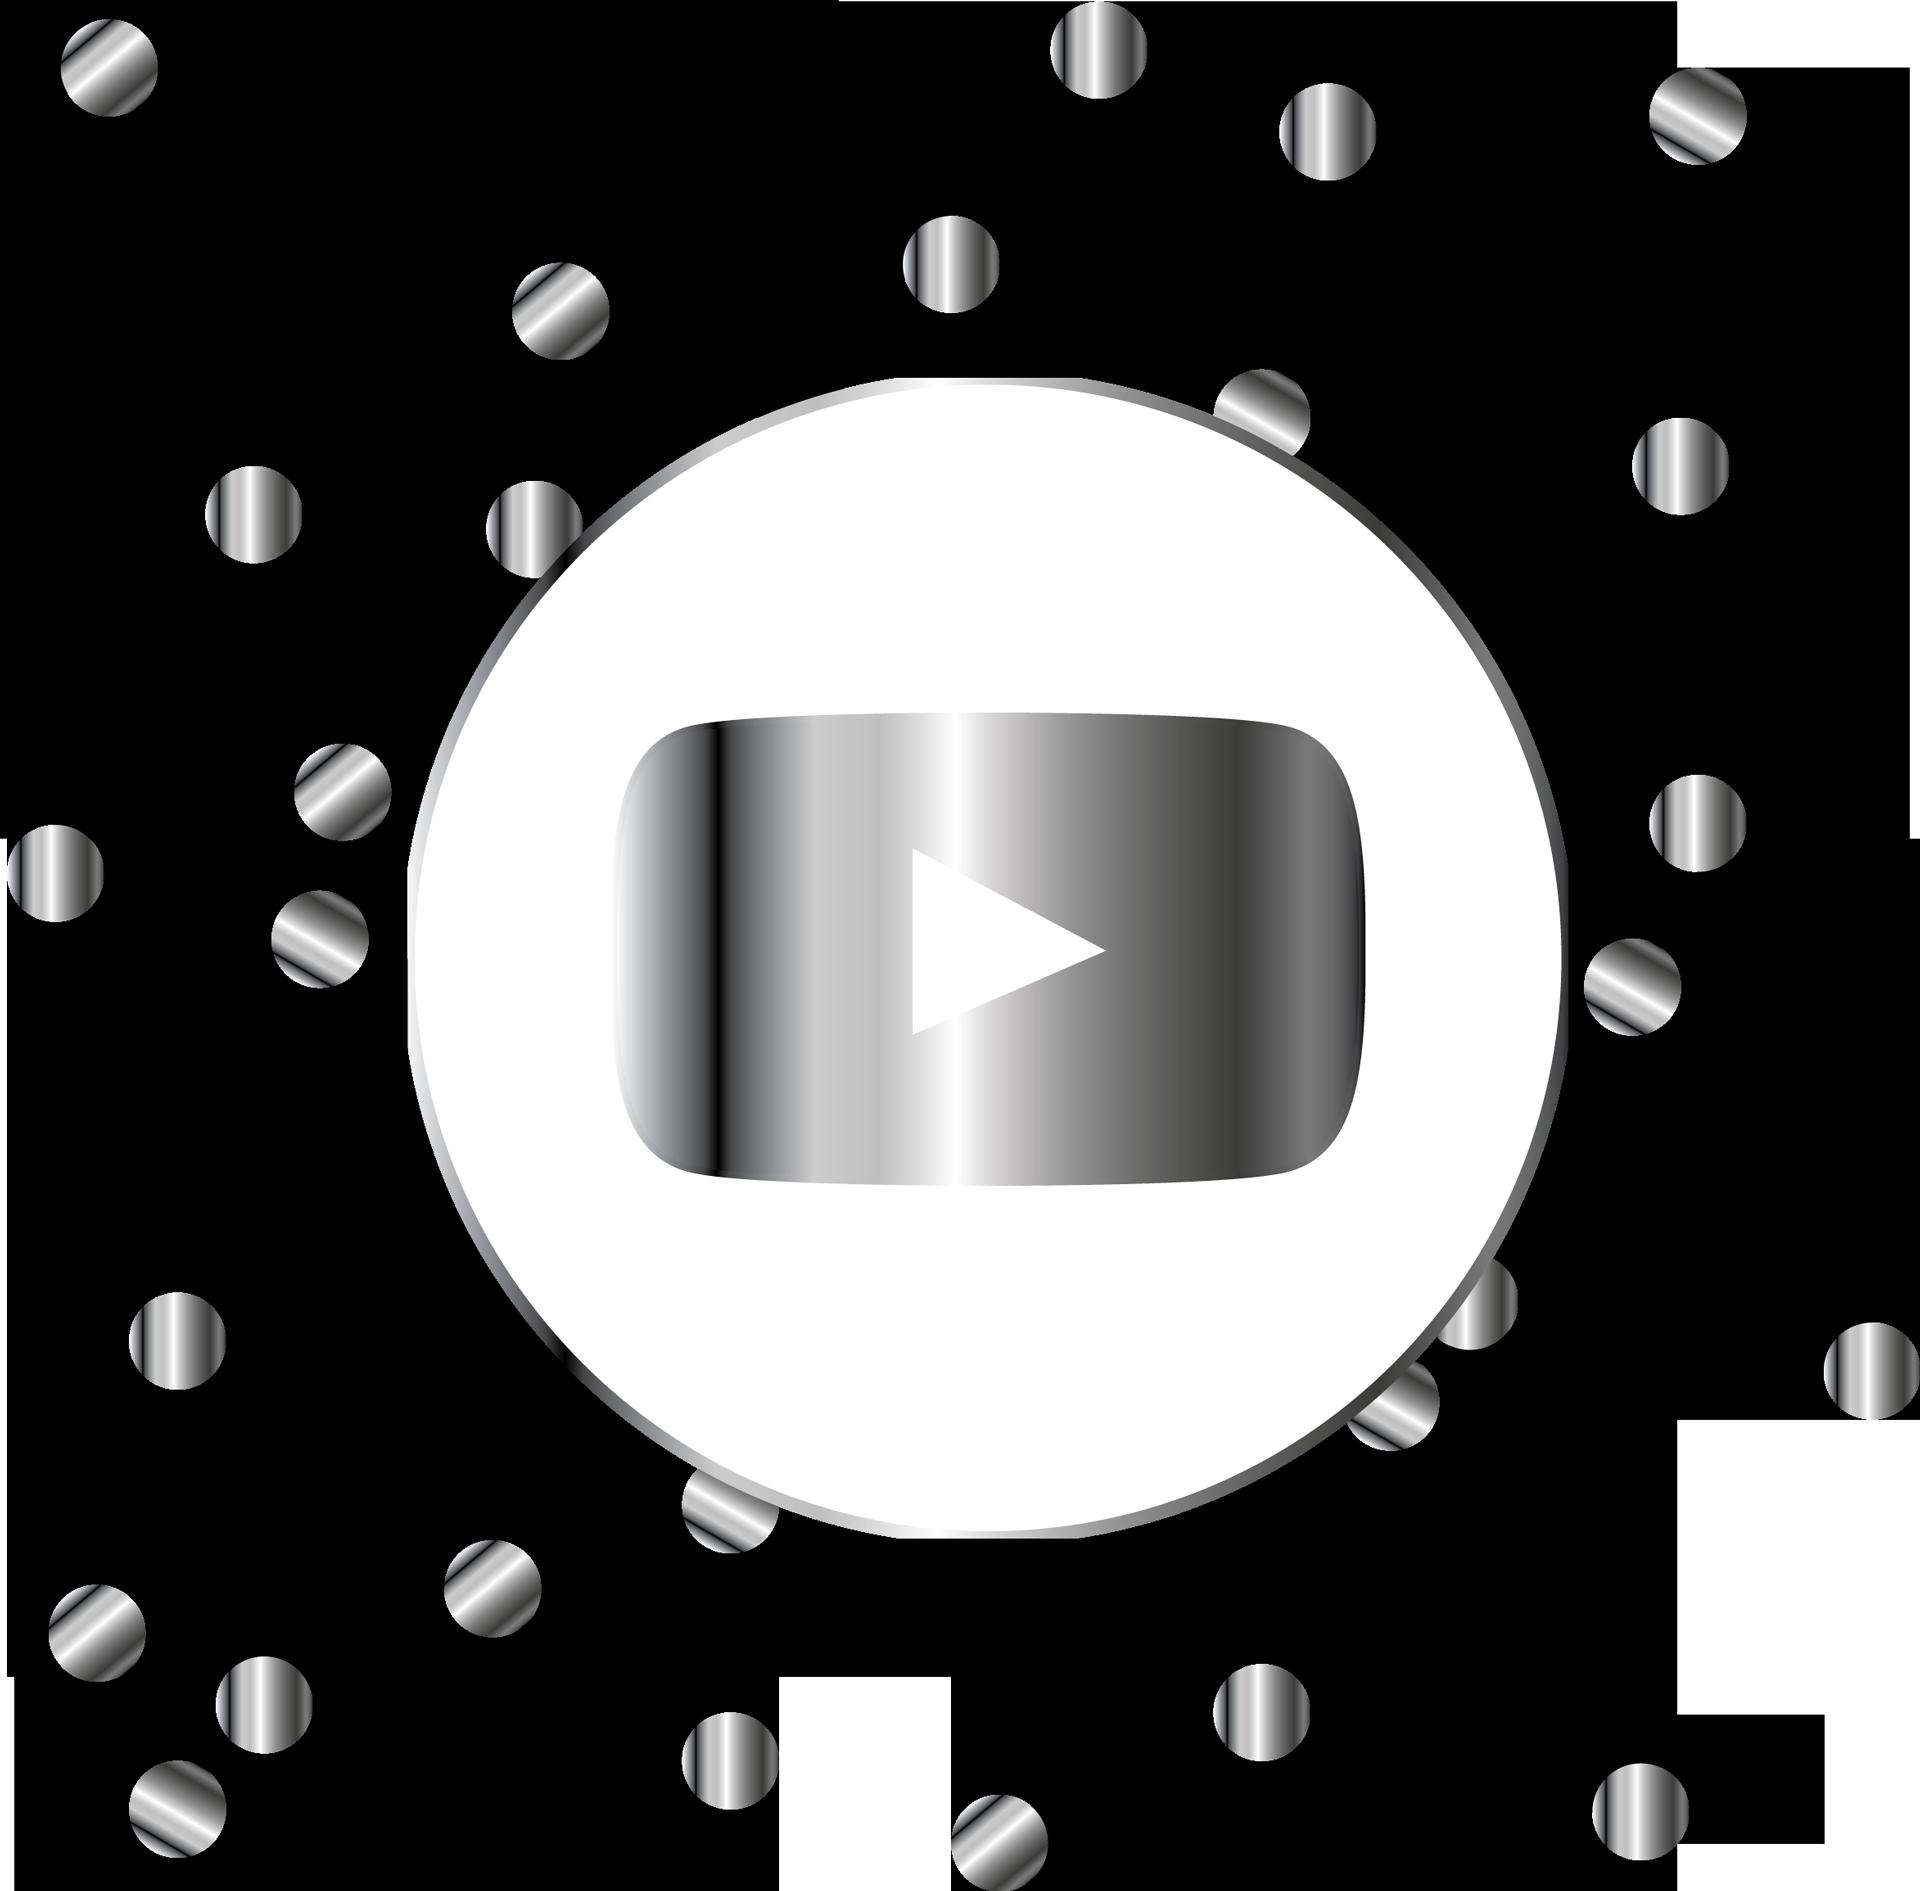 Youtube reklamlarından nasıl faydalanılır